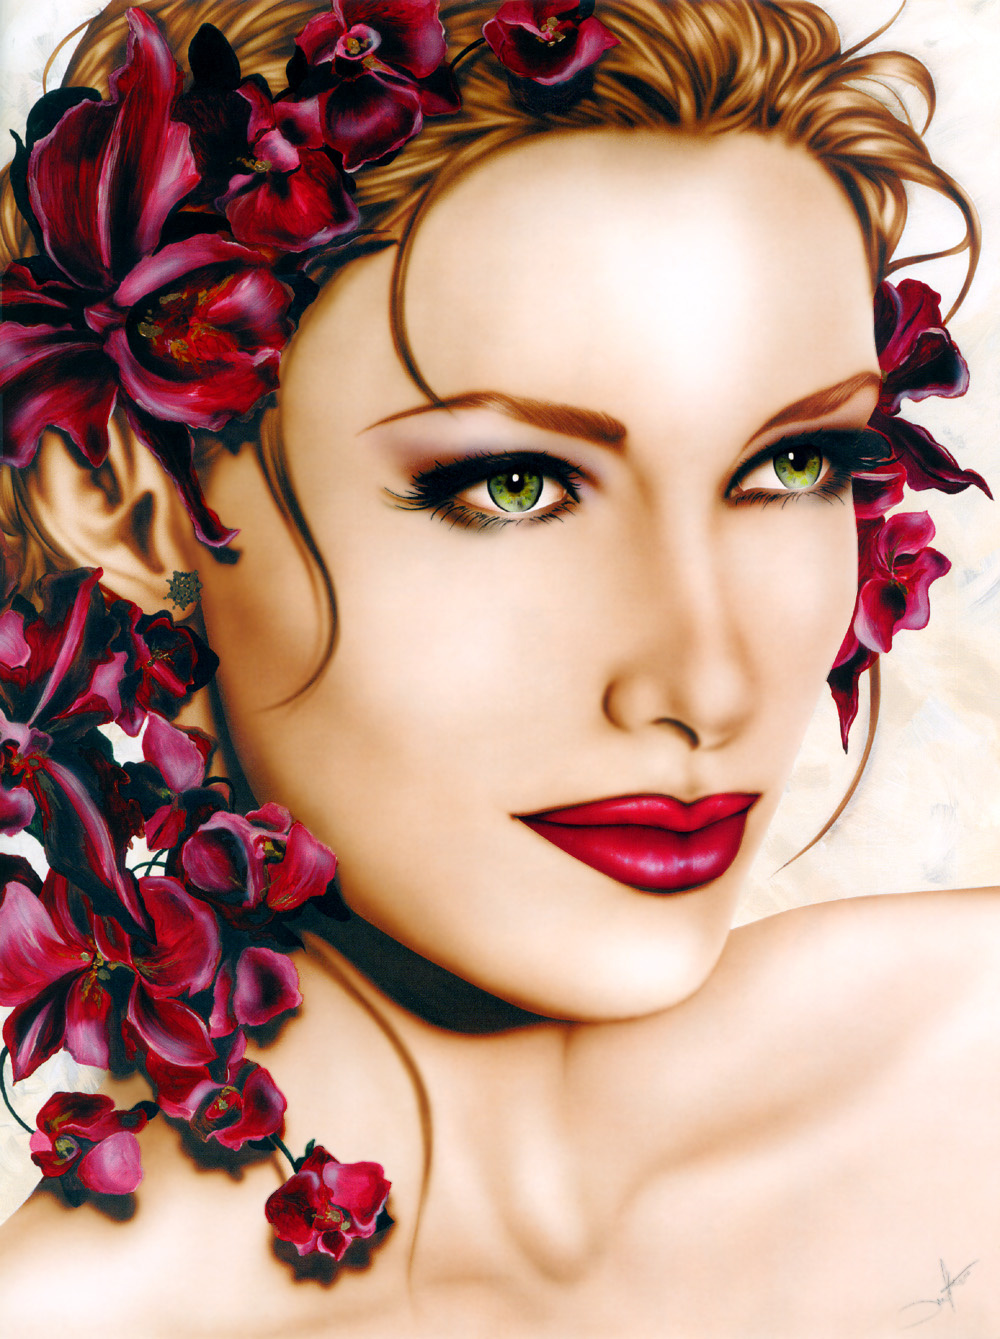 Jennifer Ianesco. Flowers in her hair